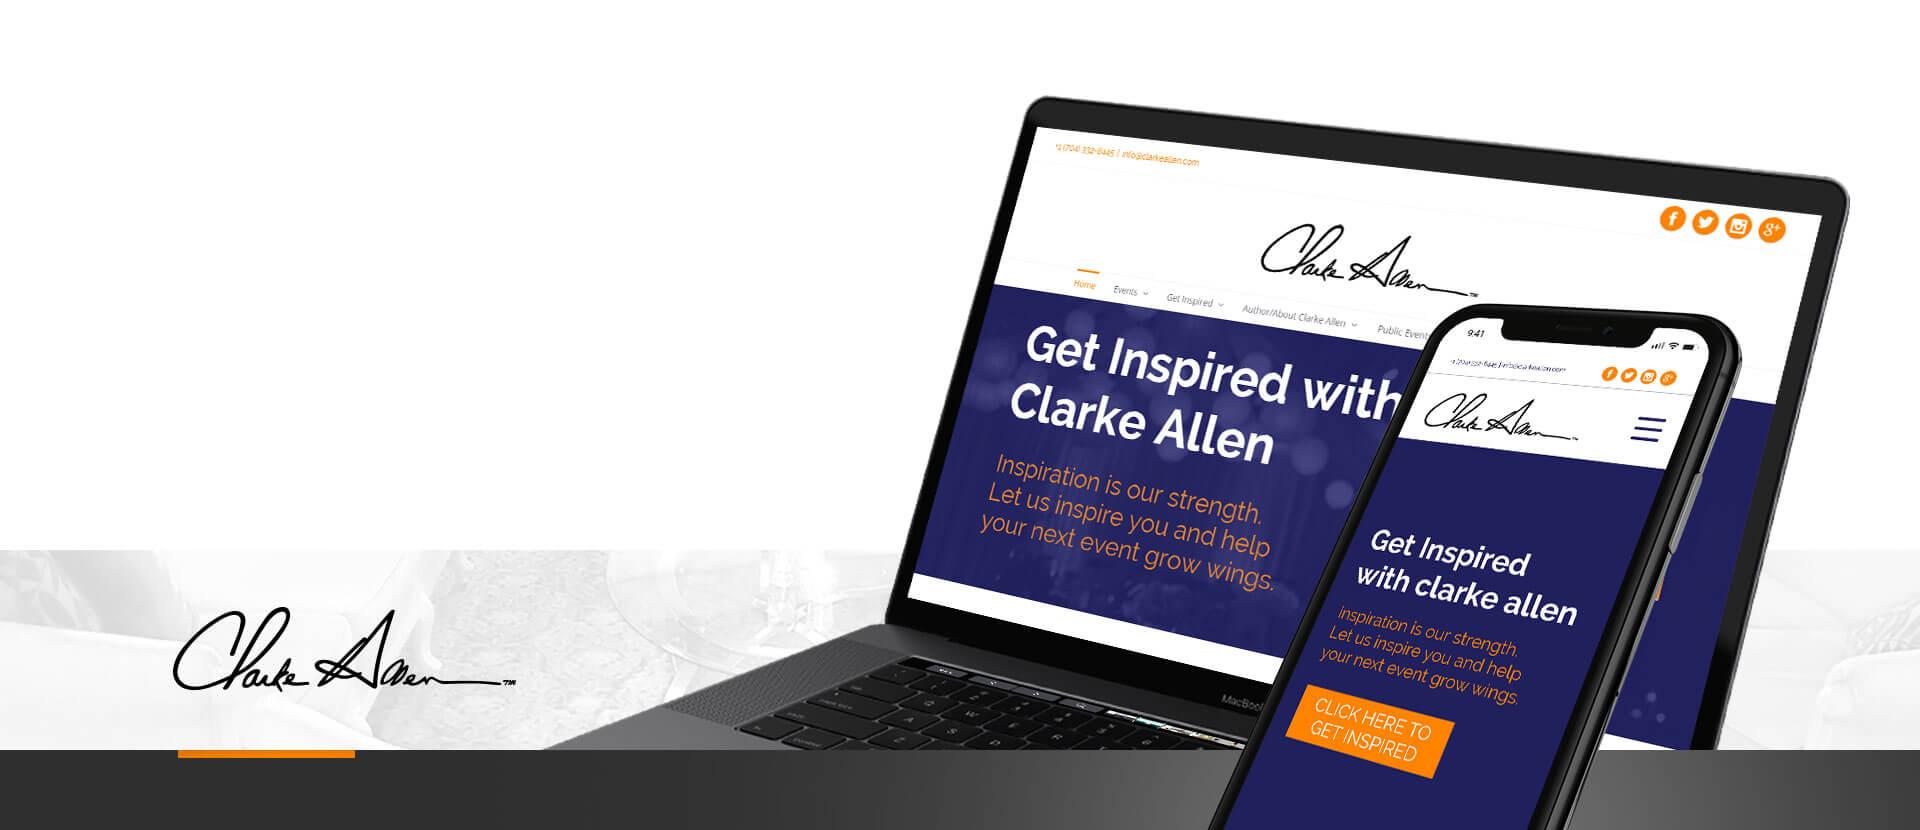 Clarke-Allen-Device